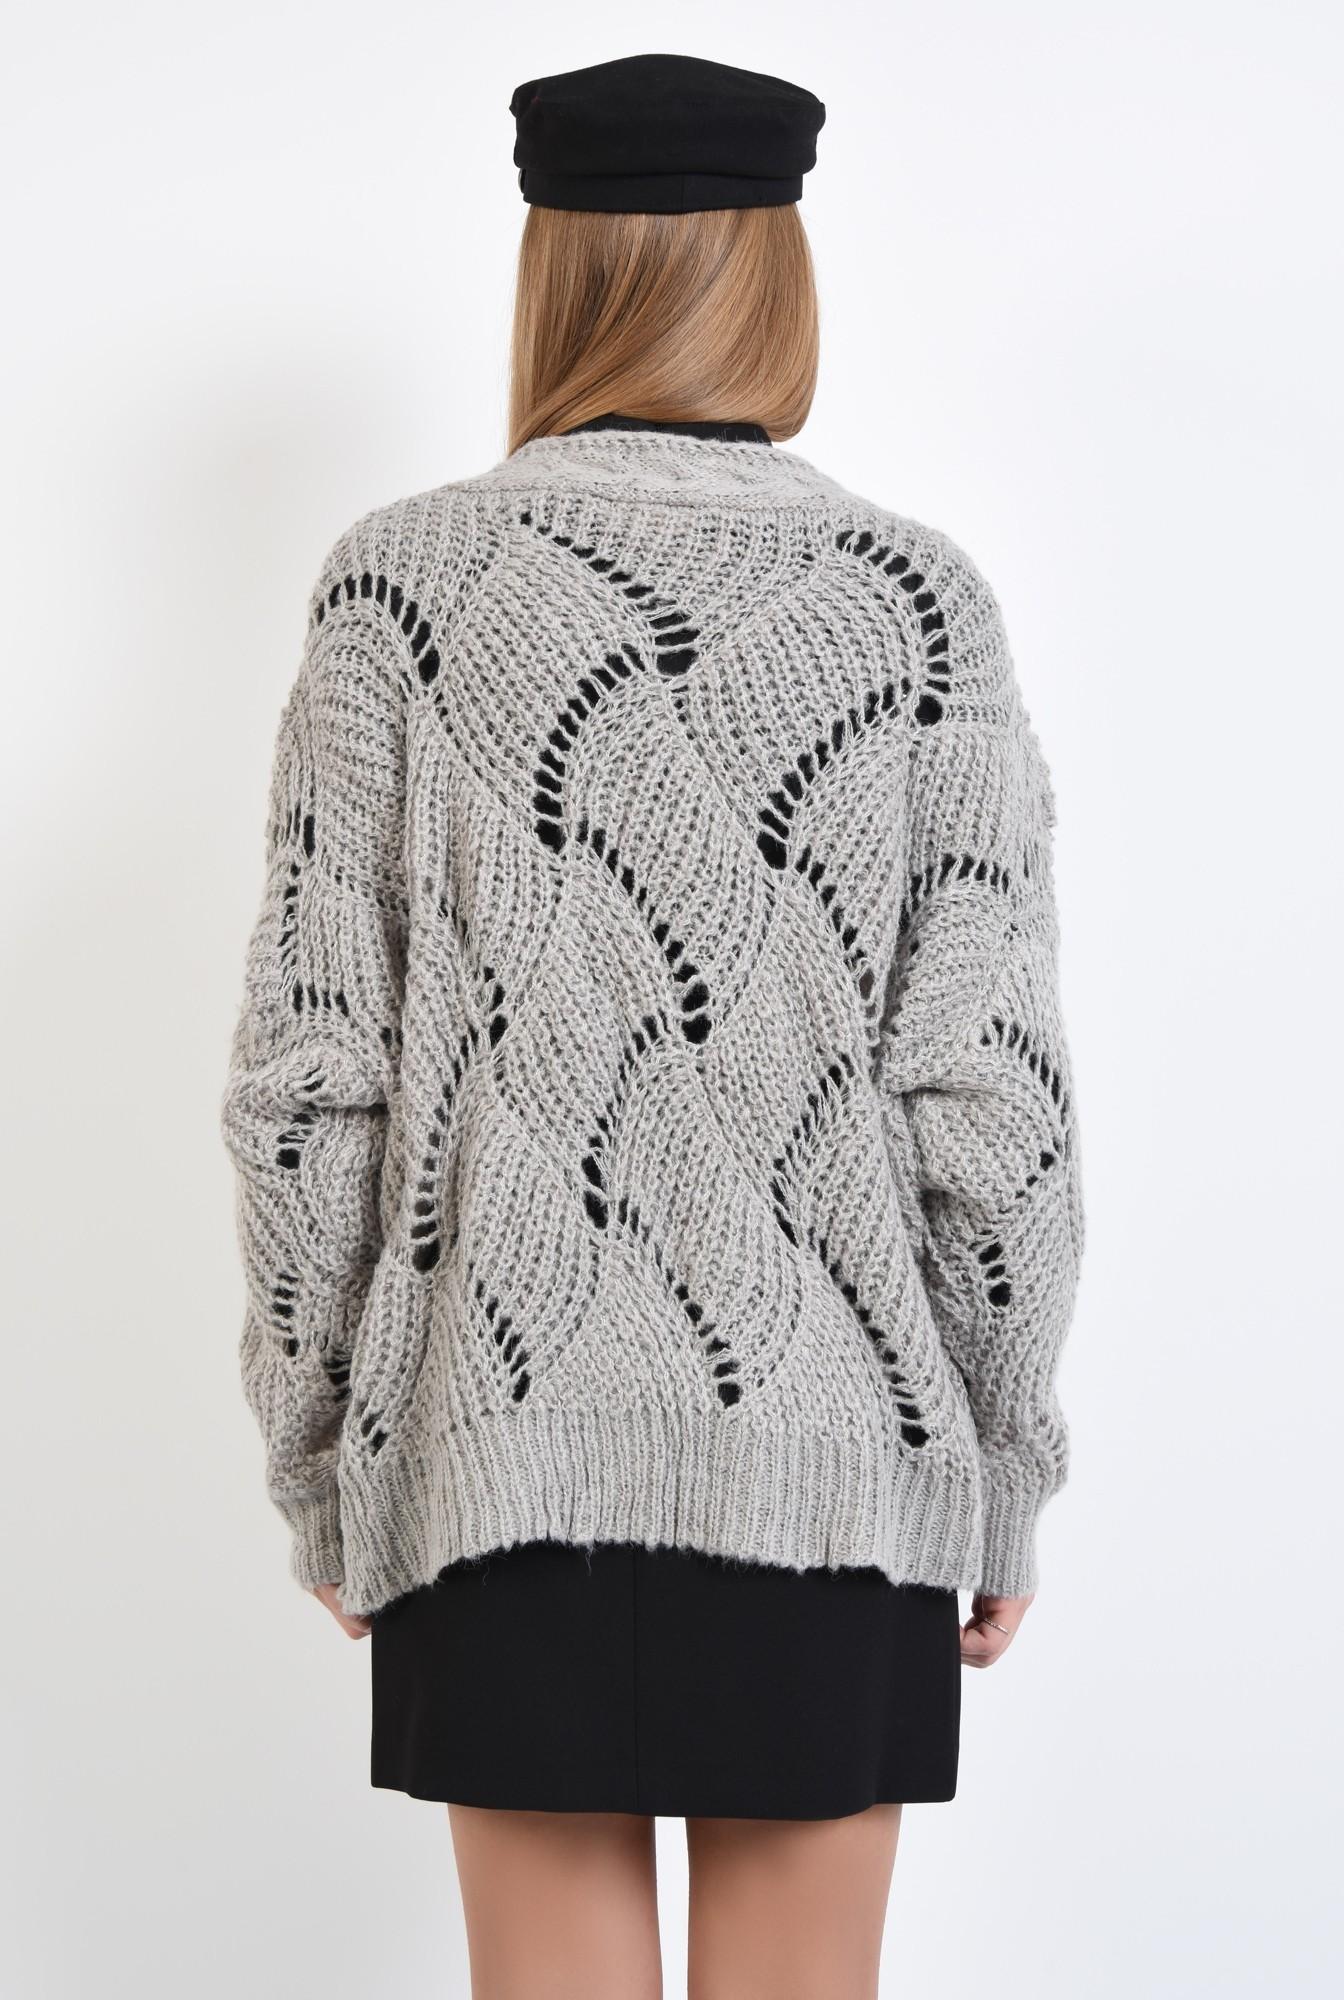 1 - cardigan tricotat, gri, fara sistem de inchidere, cu gaurele